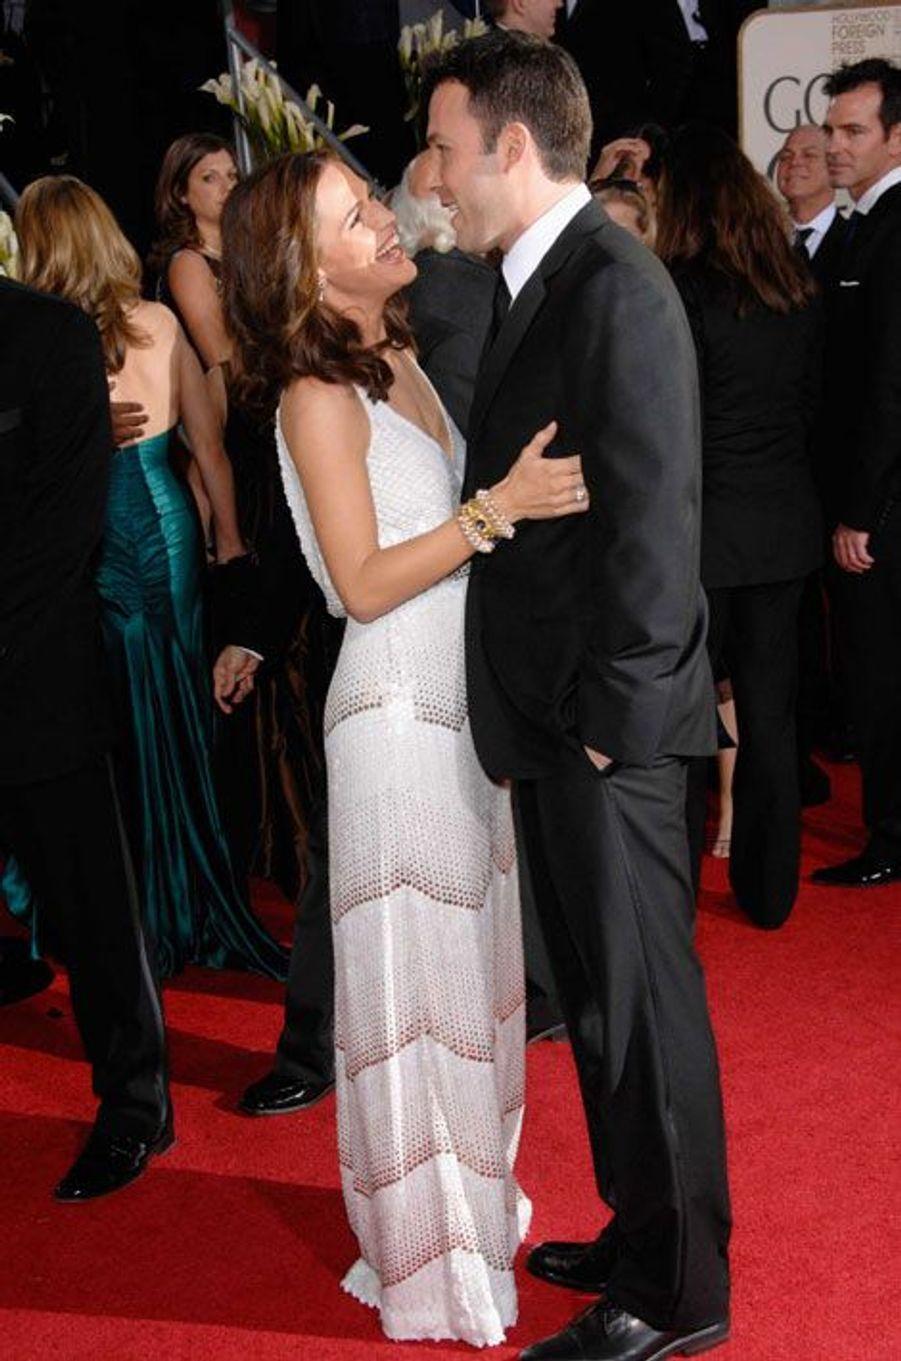 Jennifer Garner et Ben Affleck sur le red carpet en 2007.